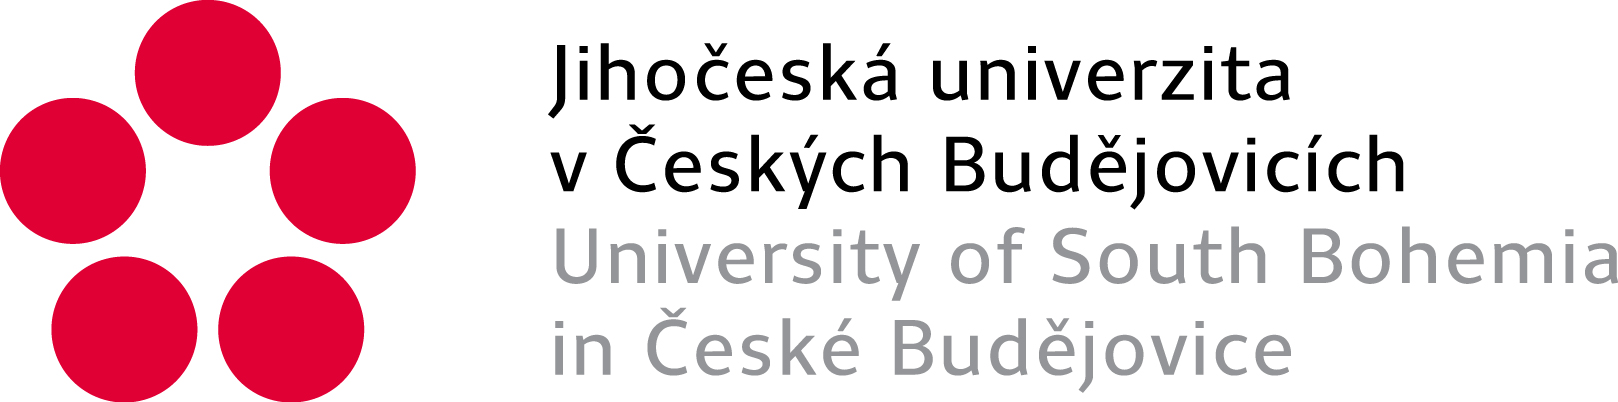 Logo JCU